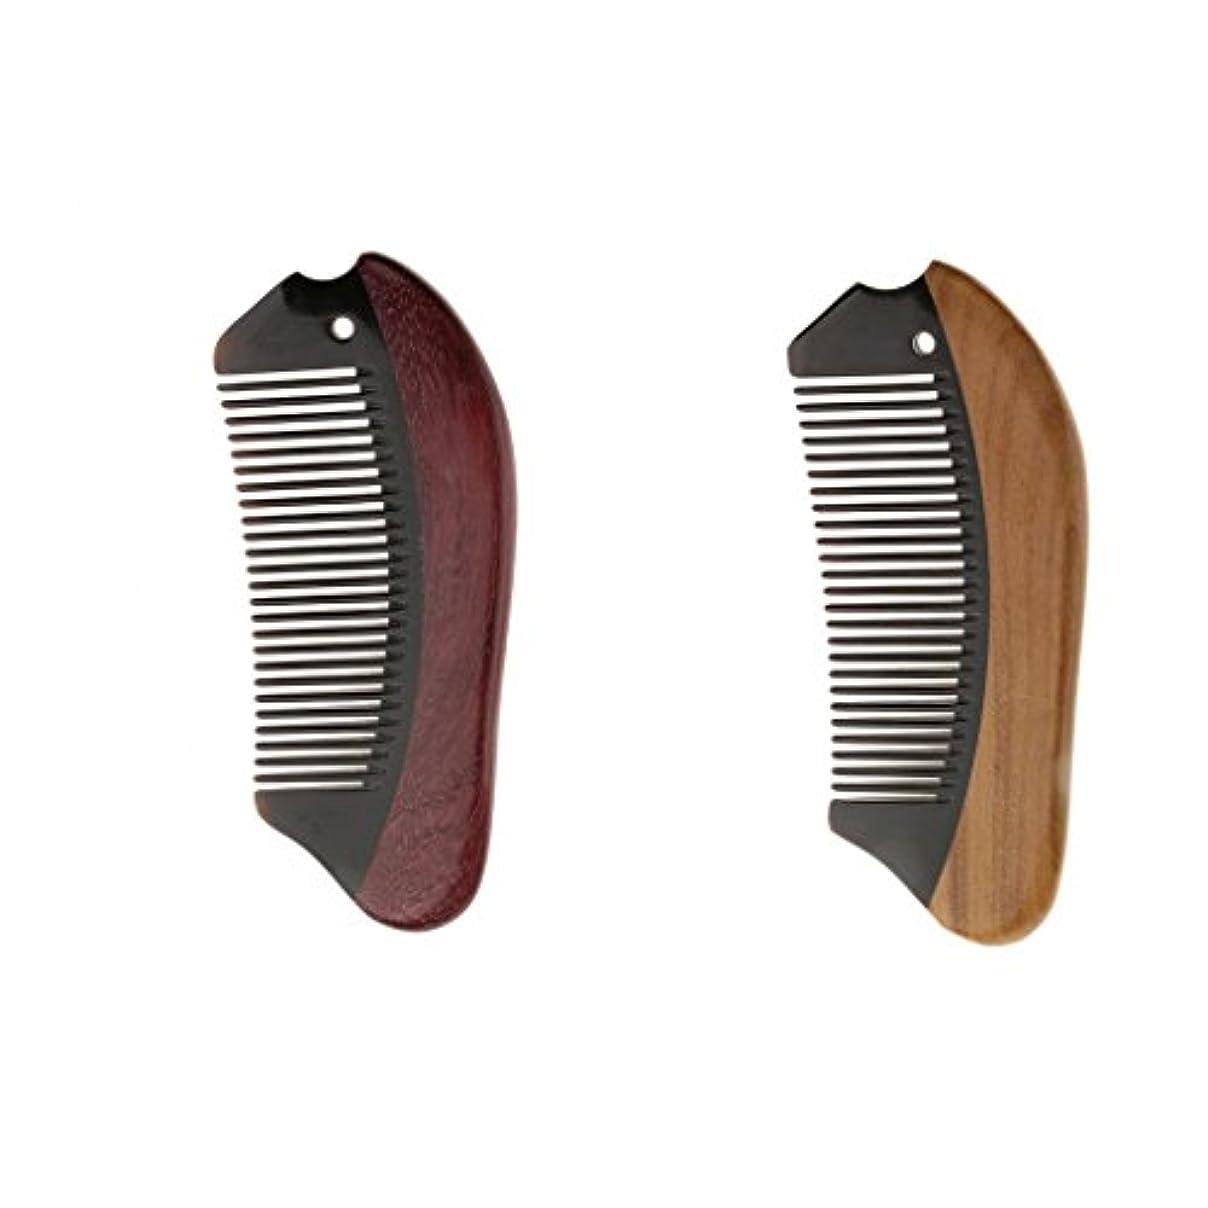 ブランチ居心地の良い製油所Perfk 2個 木製 櫛 コーム 静電気防止 ウッド マッサージ 高品質